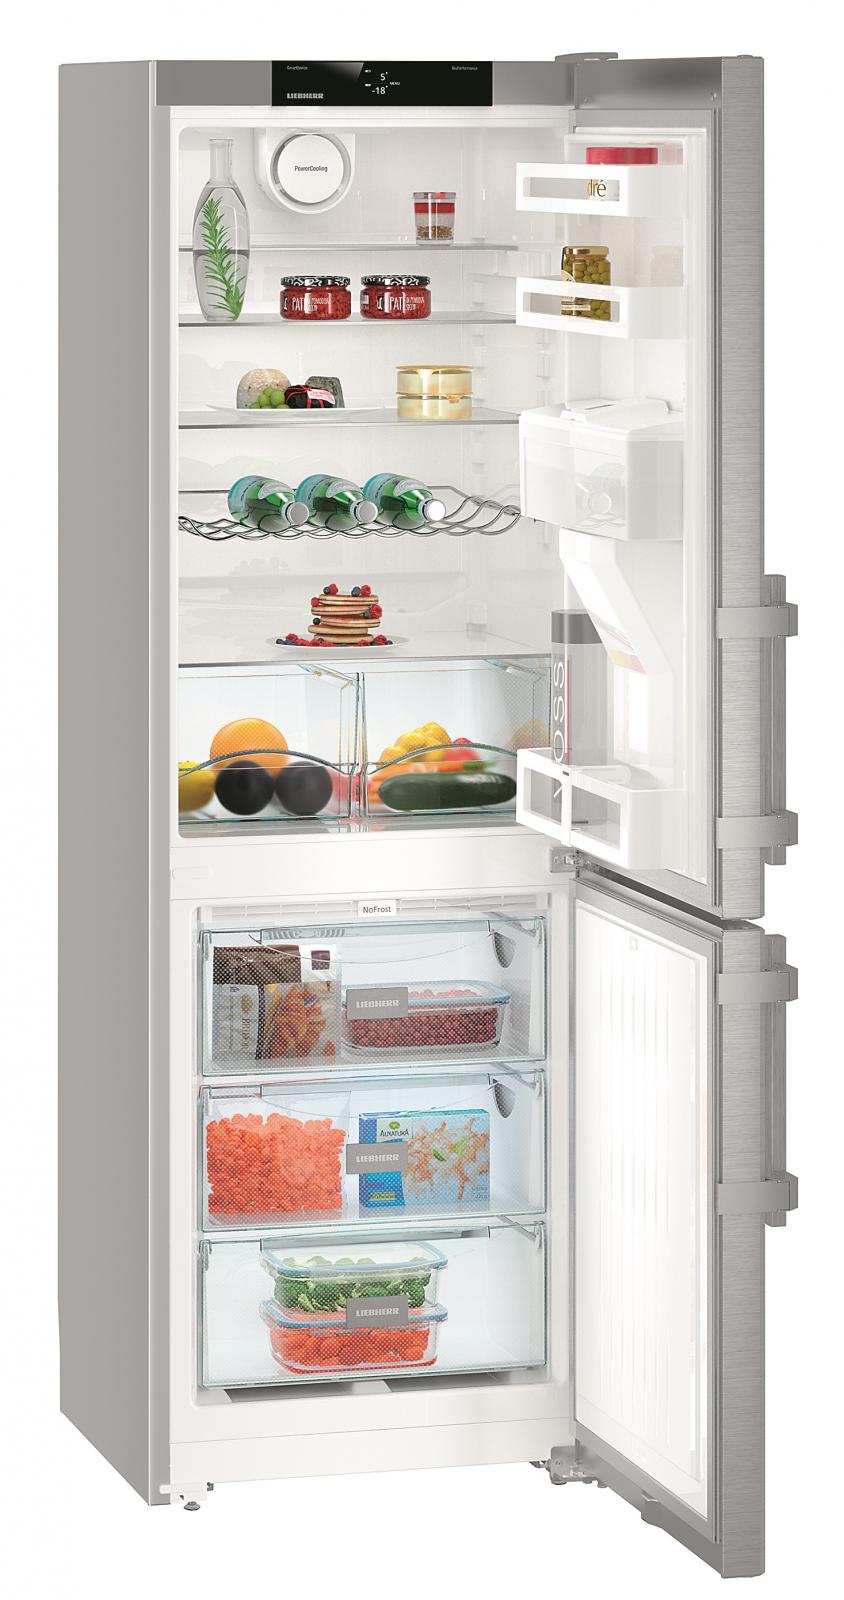 купить Двухкамерный холодильник Liebherr CNef 3535 Украина фото 7